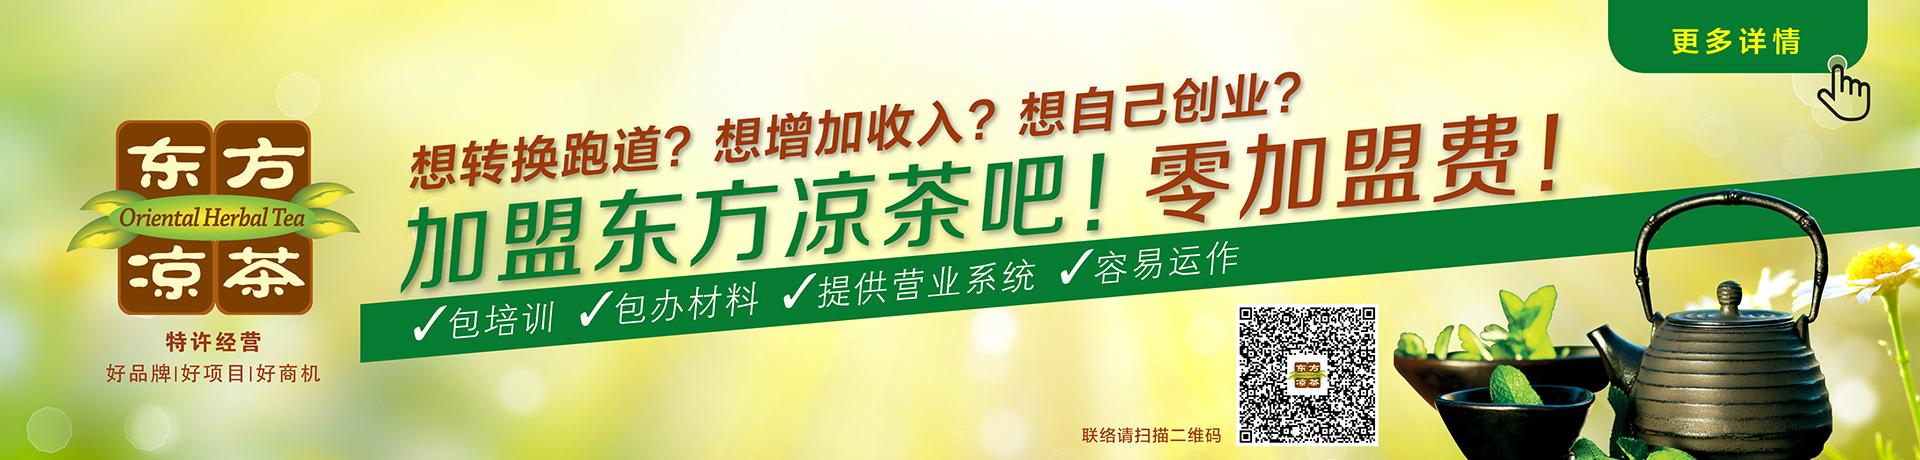 orientaltea_1920x460_homebanner_chi2